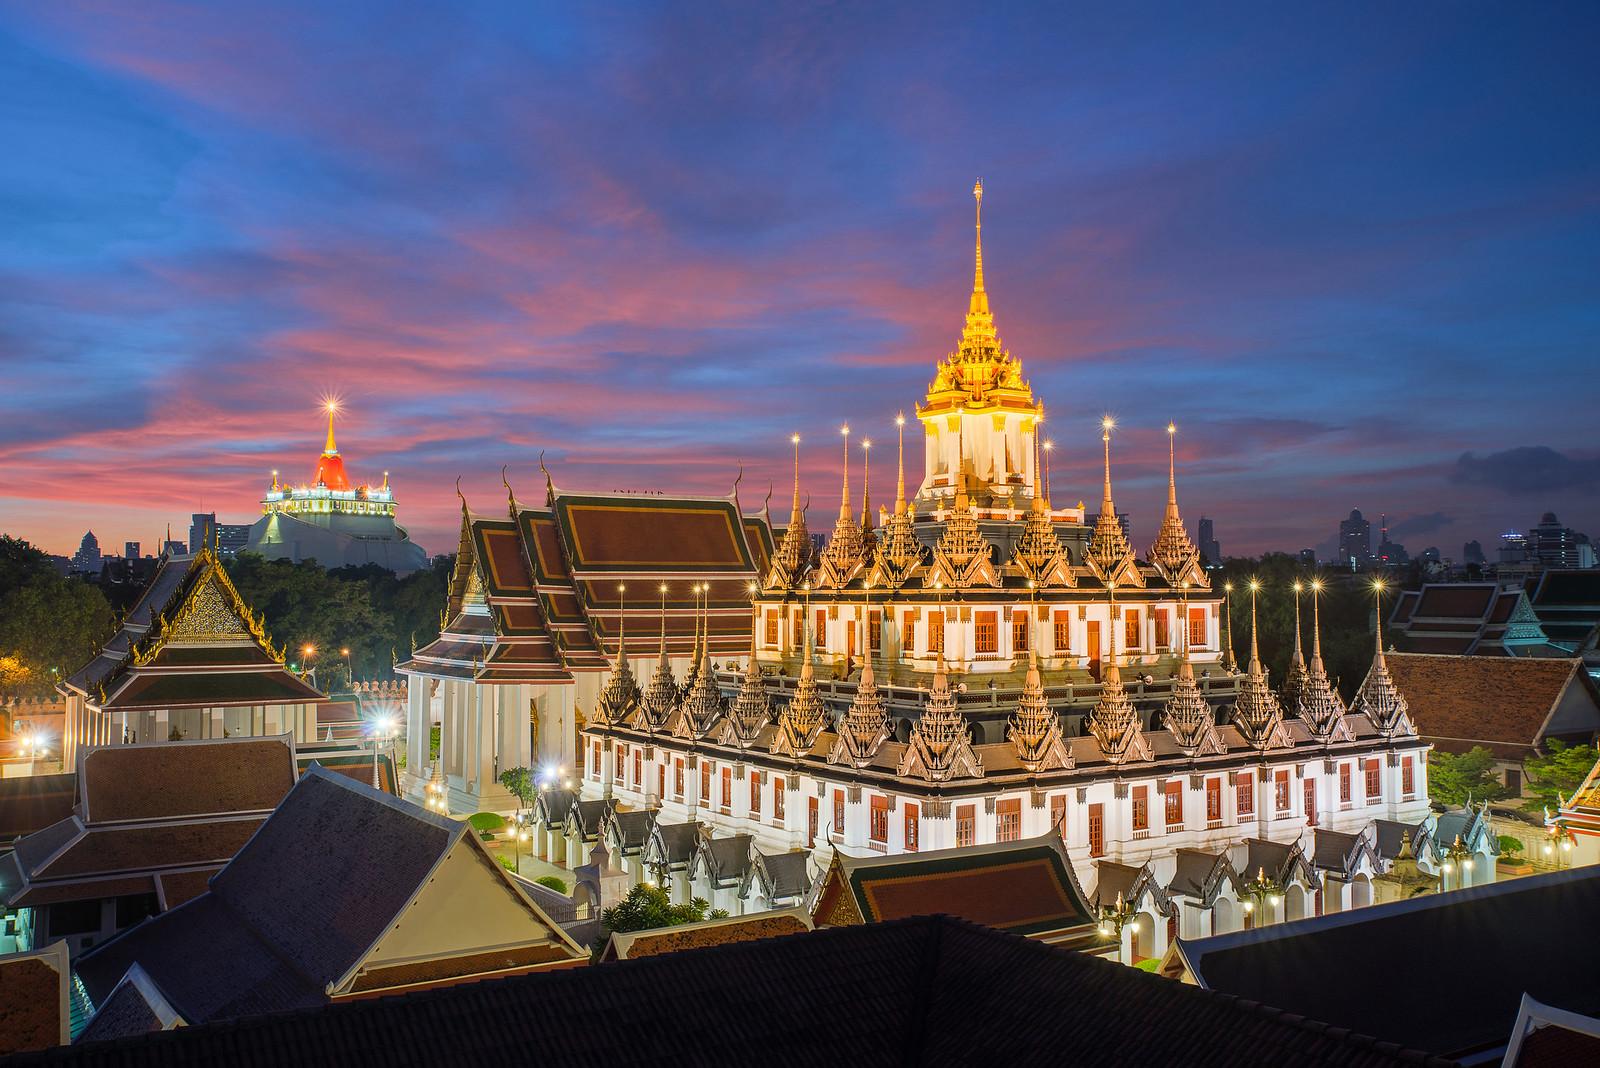 Достопримечательности Бангкока - Храм Ват Ратчанадда